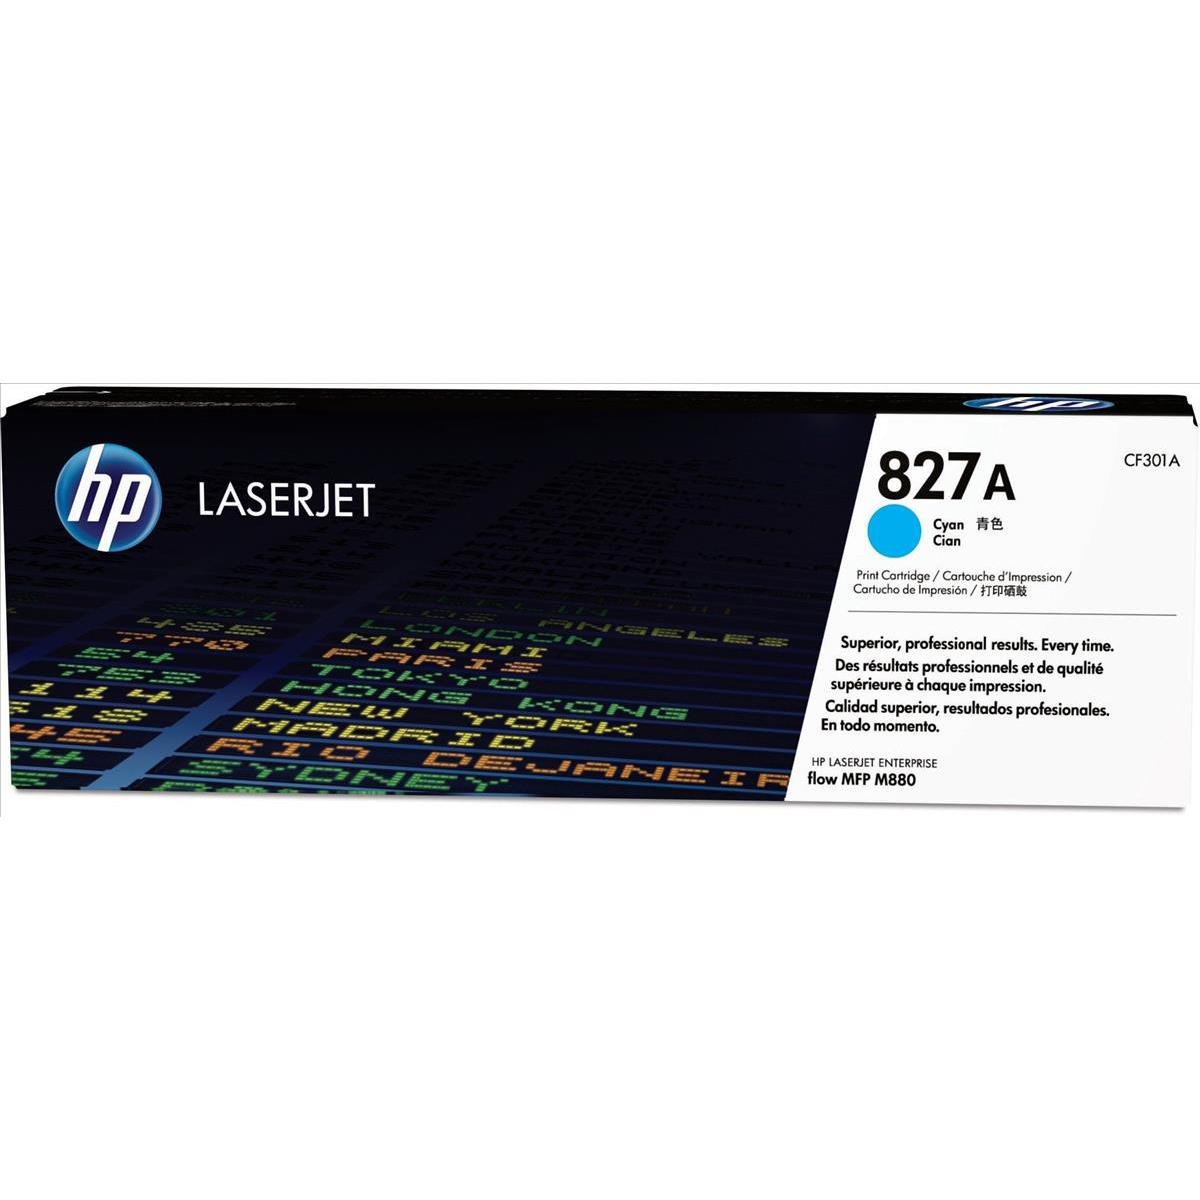 HP 827A Cyan Laserjet Toner Cartridge CF301A